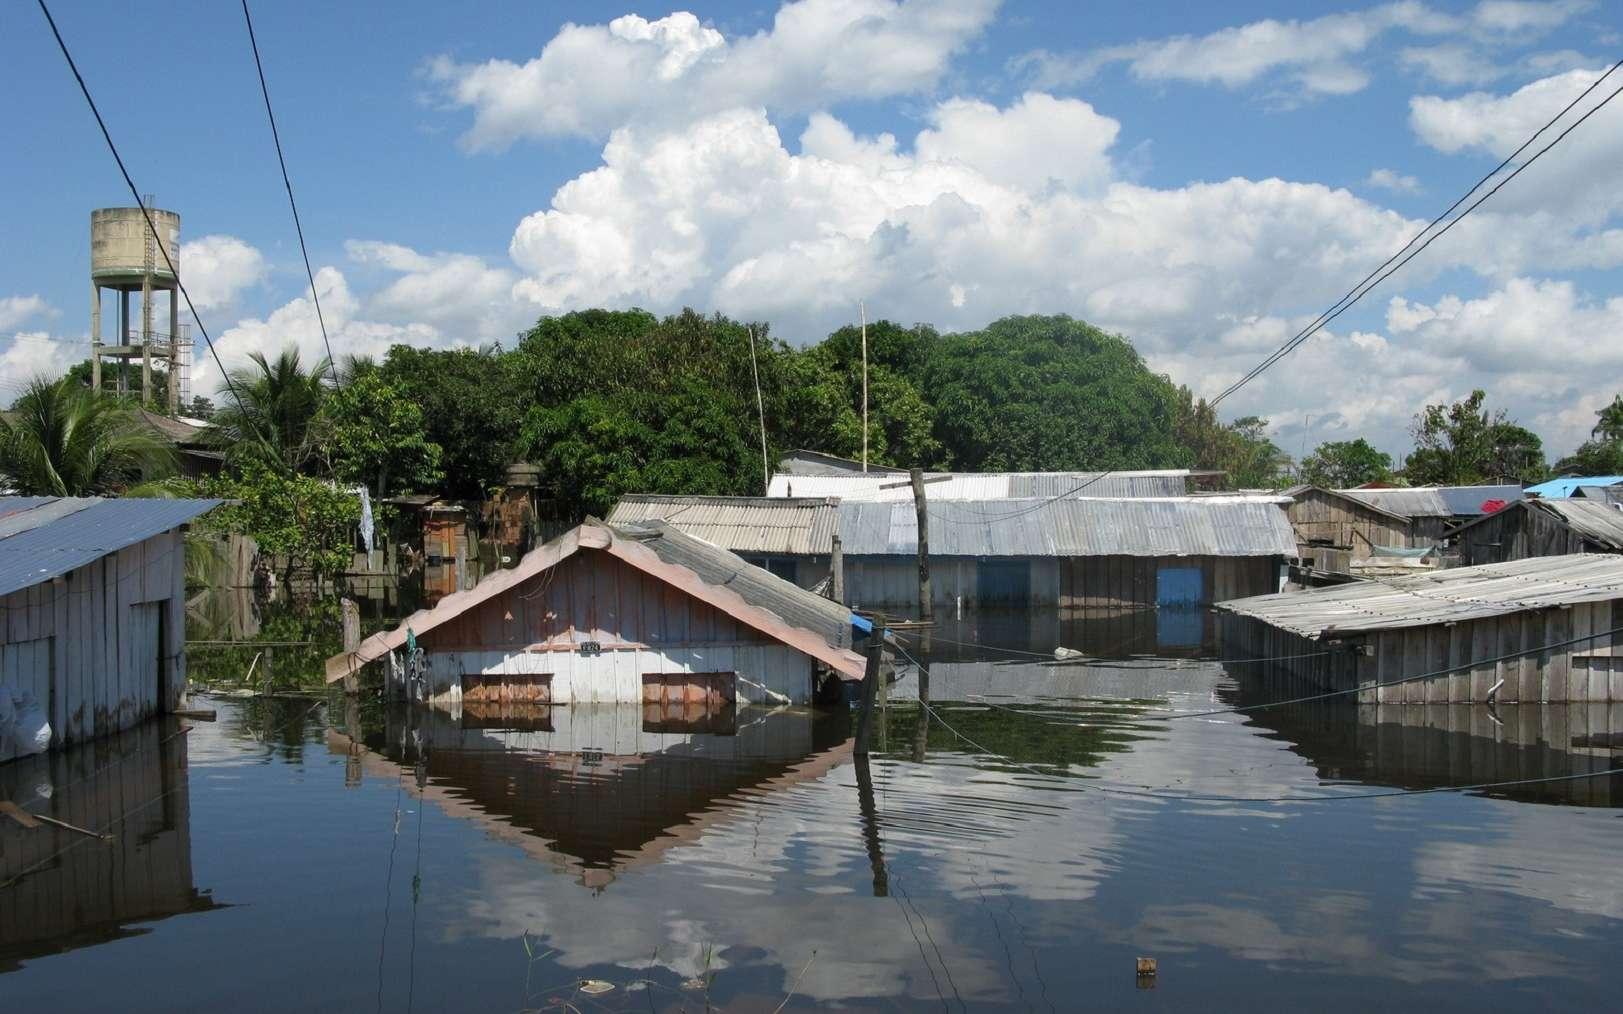 Inondations à Manacapuru, dans l'État d'Amazonas au Brésil. © guentermanaus, Fotolia